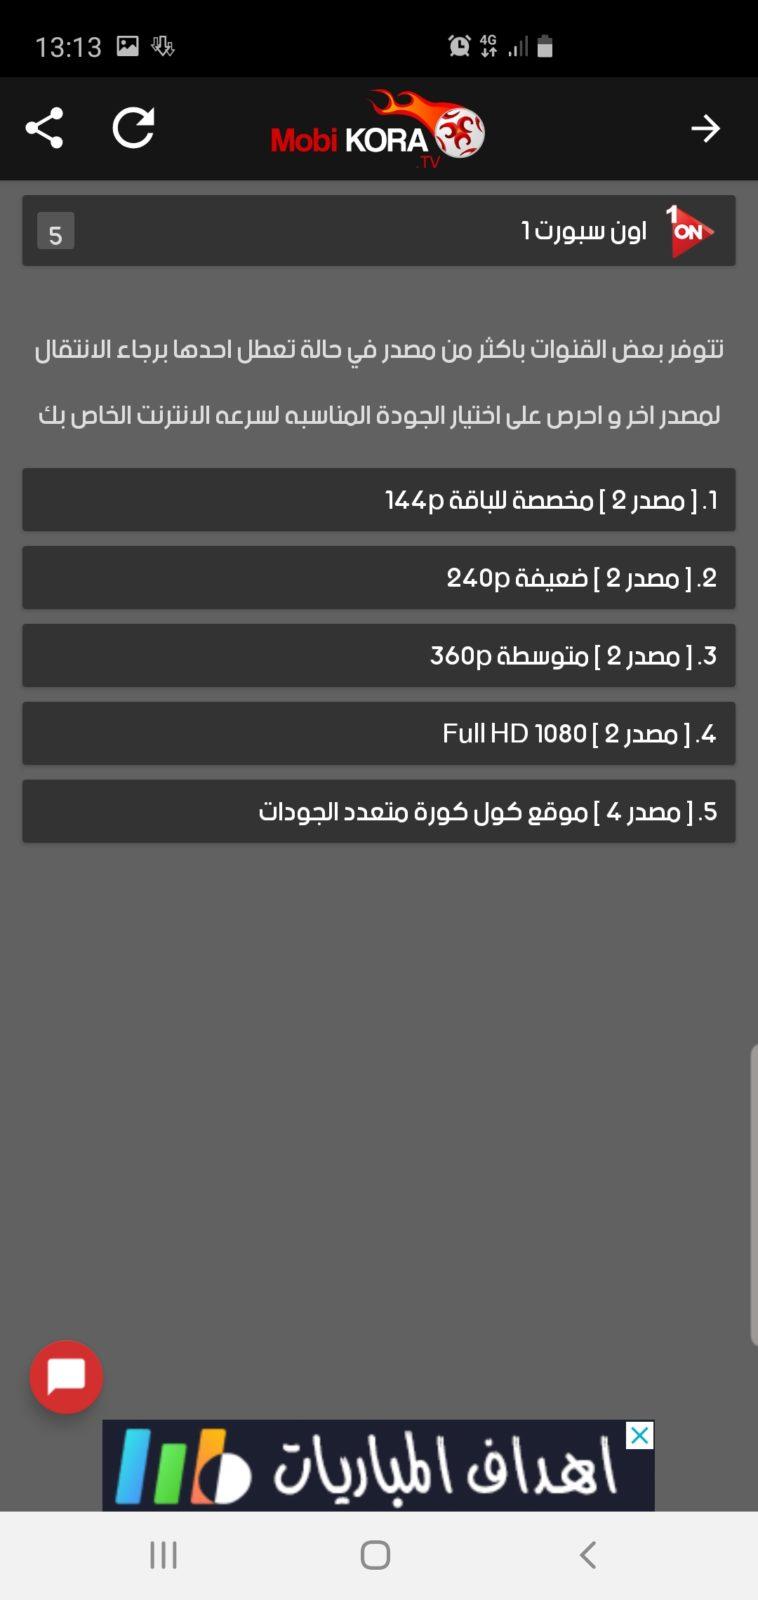 تحميل MobiKora 3.3.4 تطبيق موبى كورة [أحدث إصدار APK]